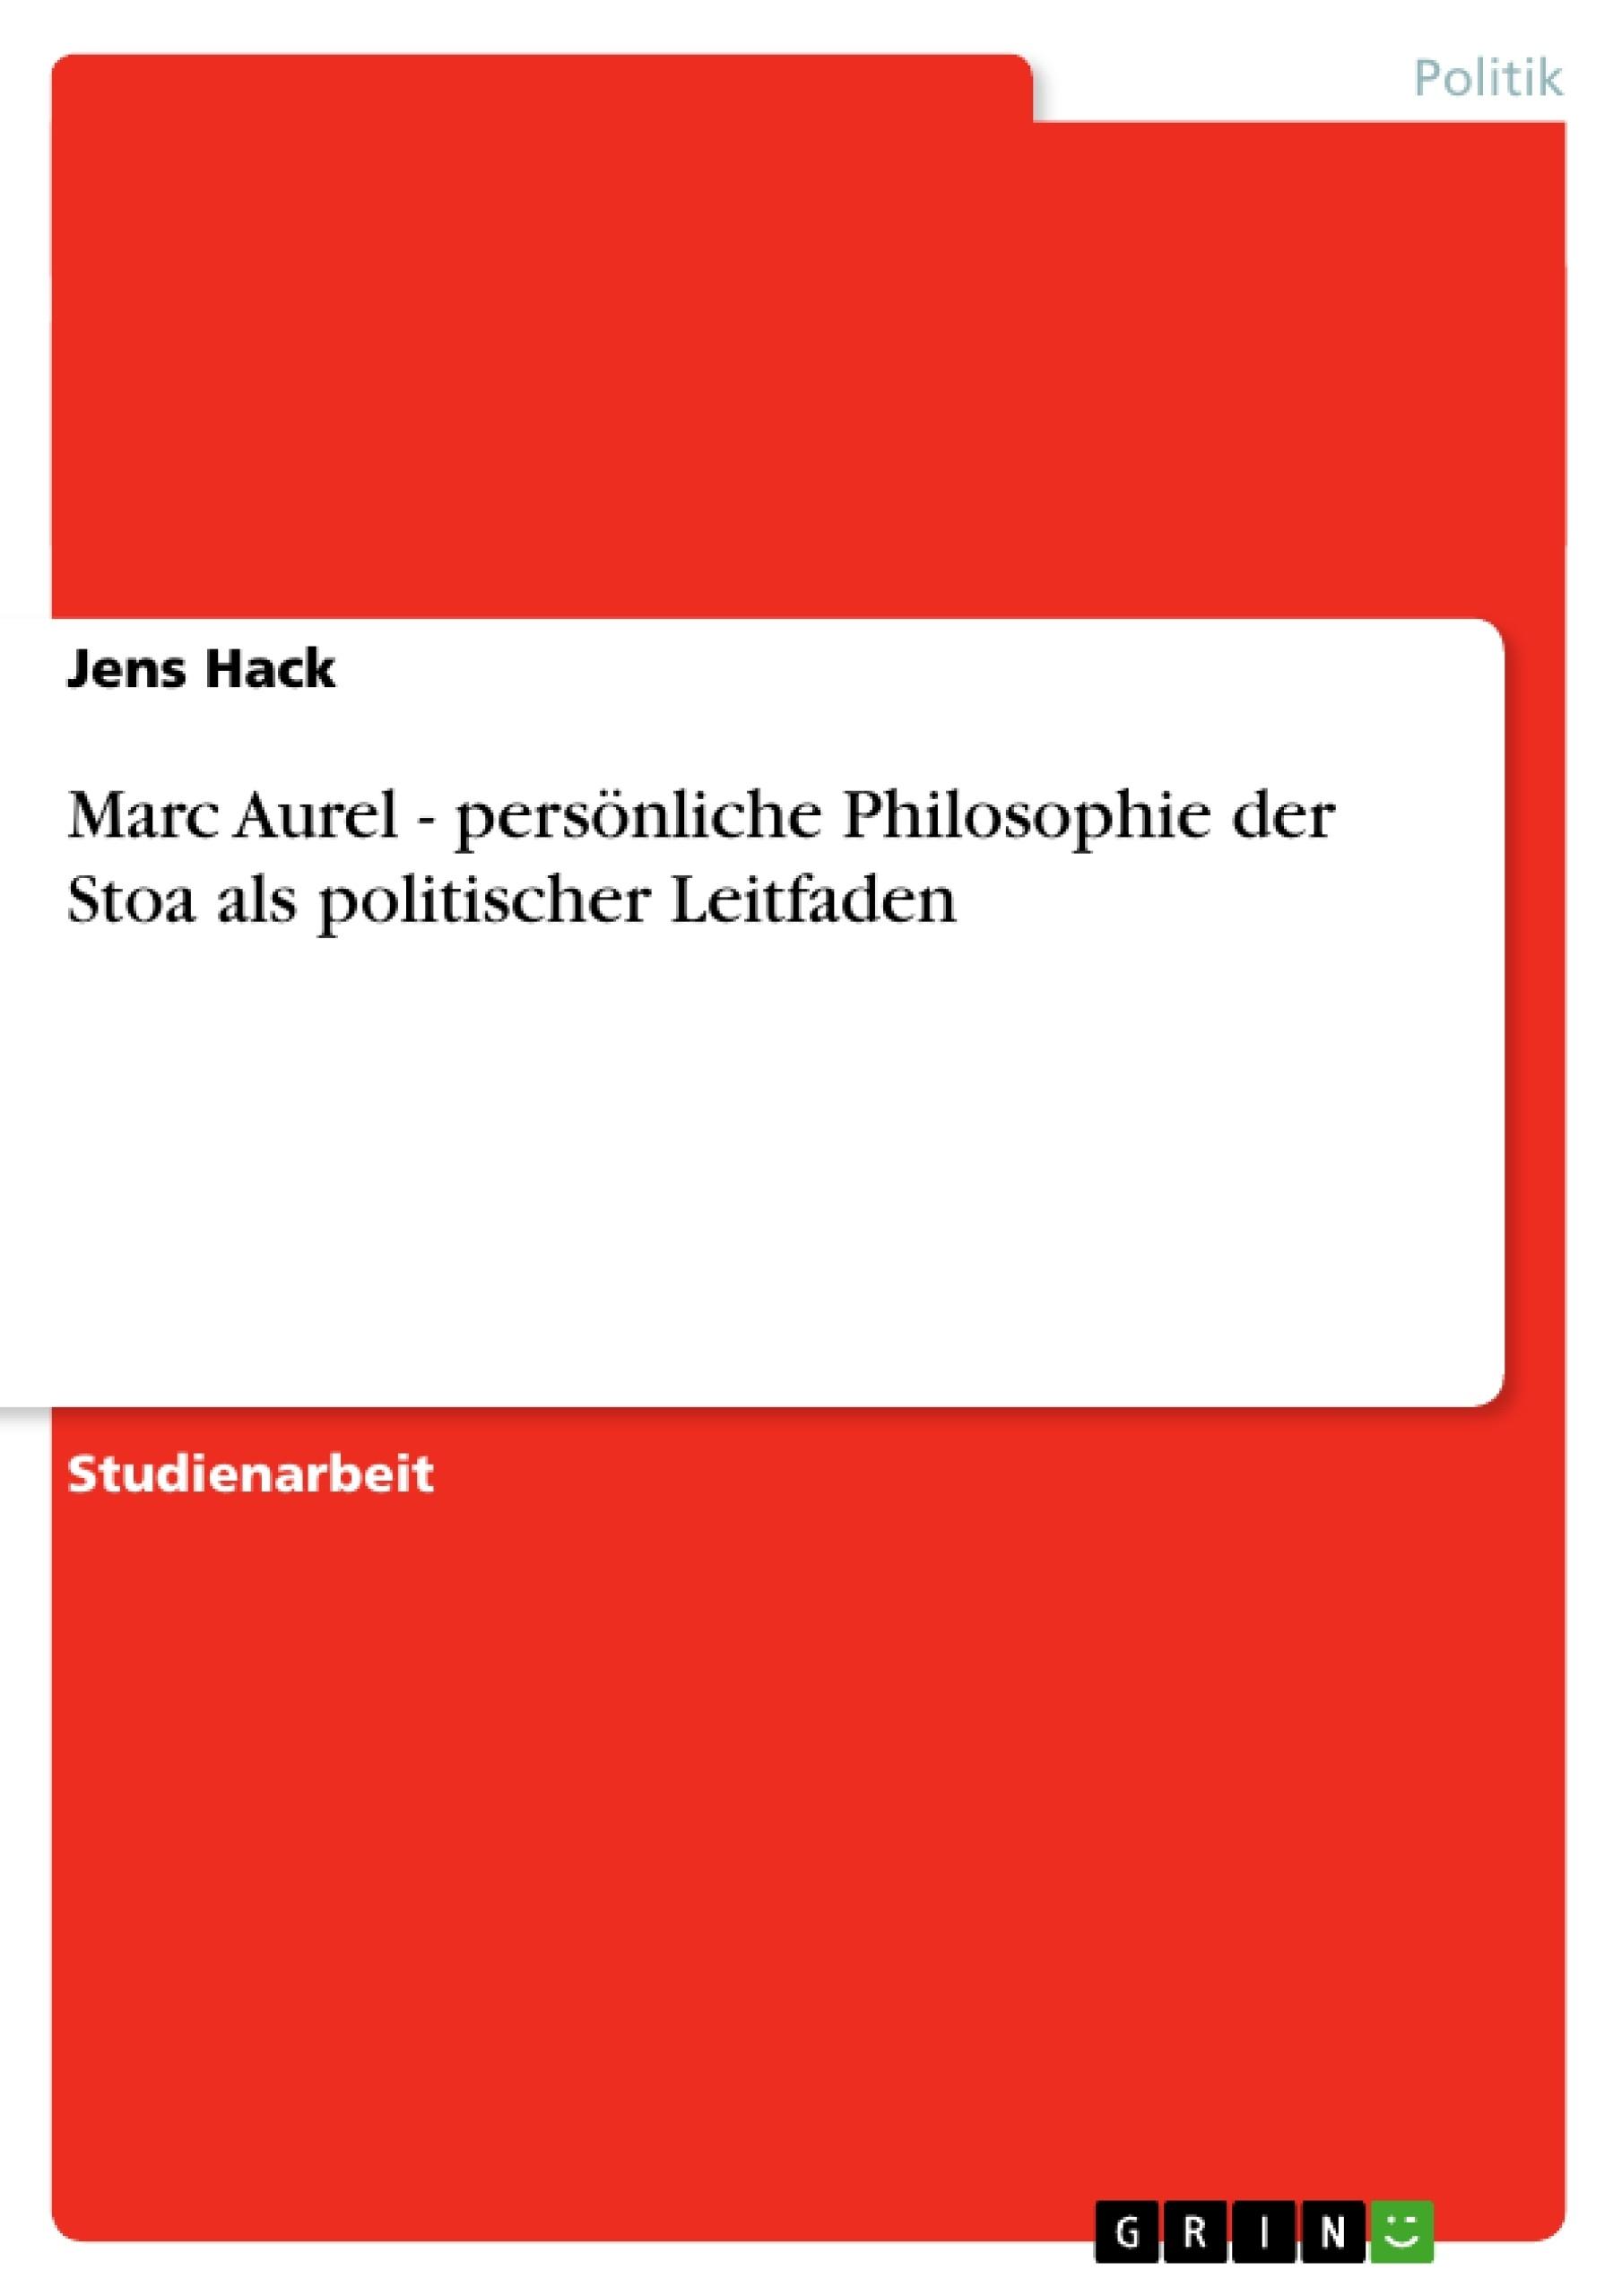 Titel: Marc Aurel - persönliche Philosophie der Stoa als politischer Leitfaden